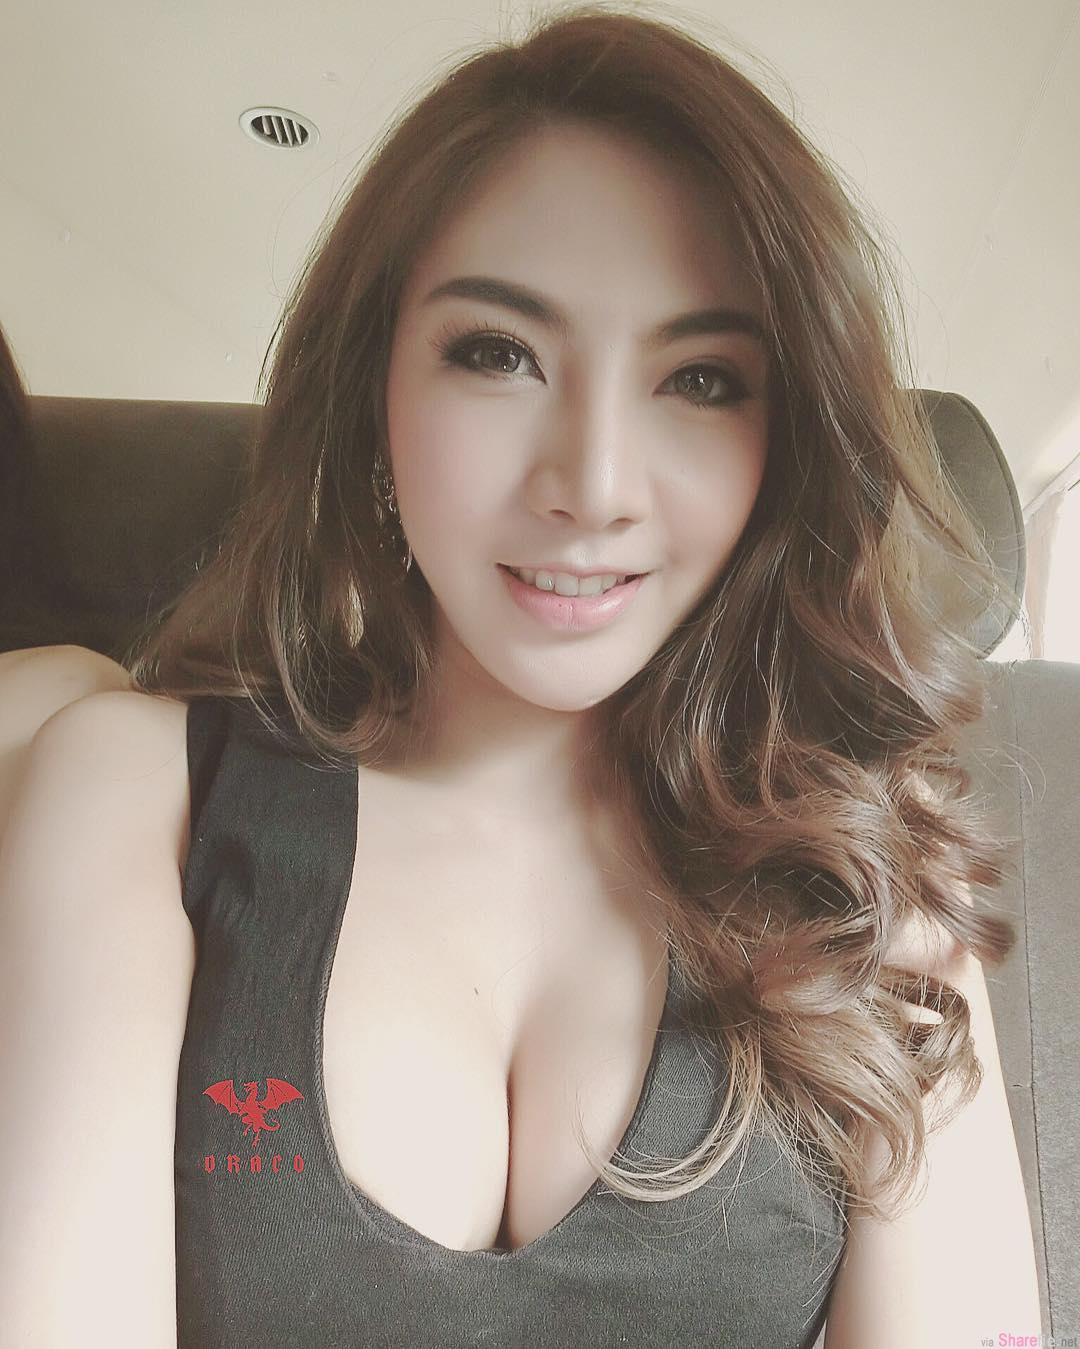 泰国正妹 Supasuda Komonsri 要甜美有甜美 要性感火辣更是辣的不像话